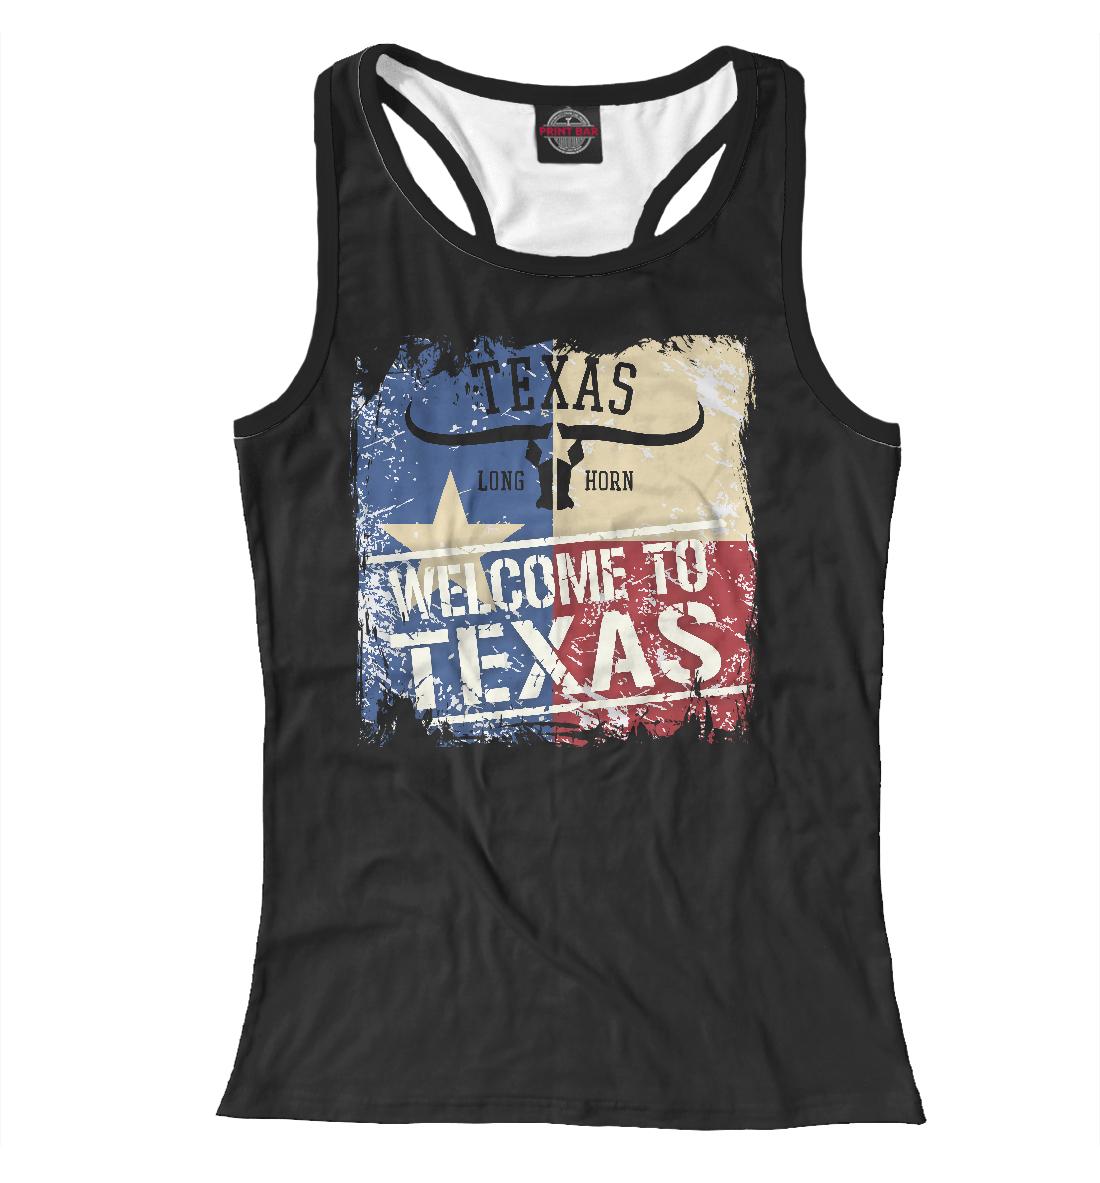 texas heat Texas